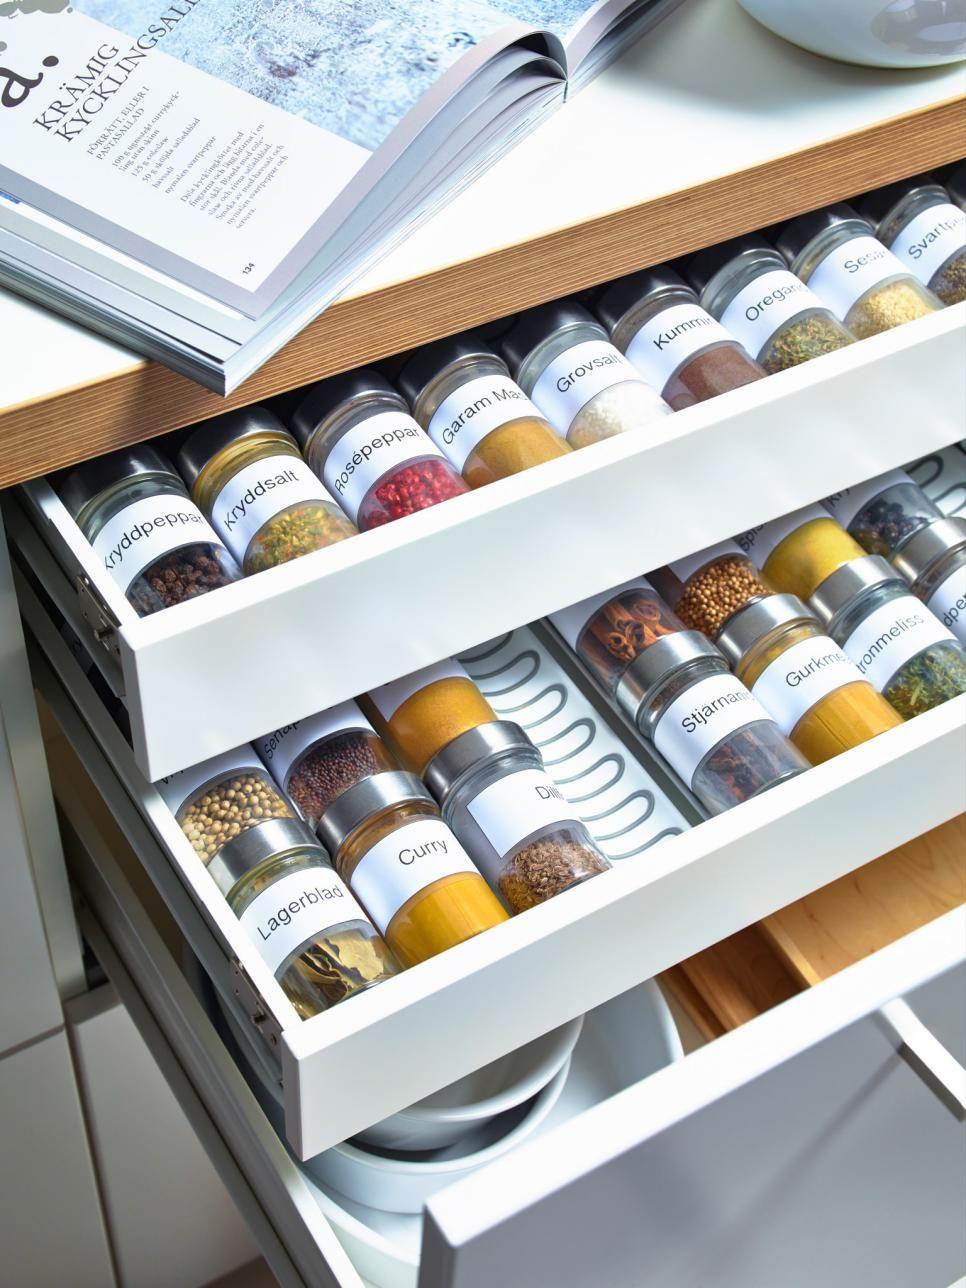 15 Creative Spice Storage Ideas